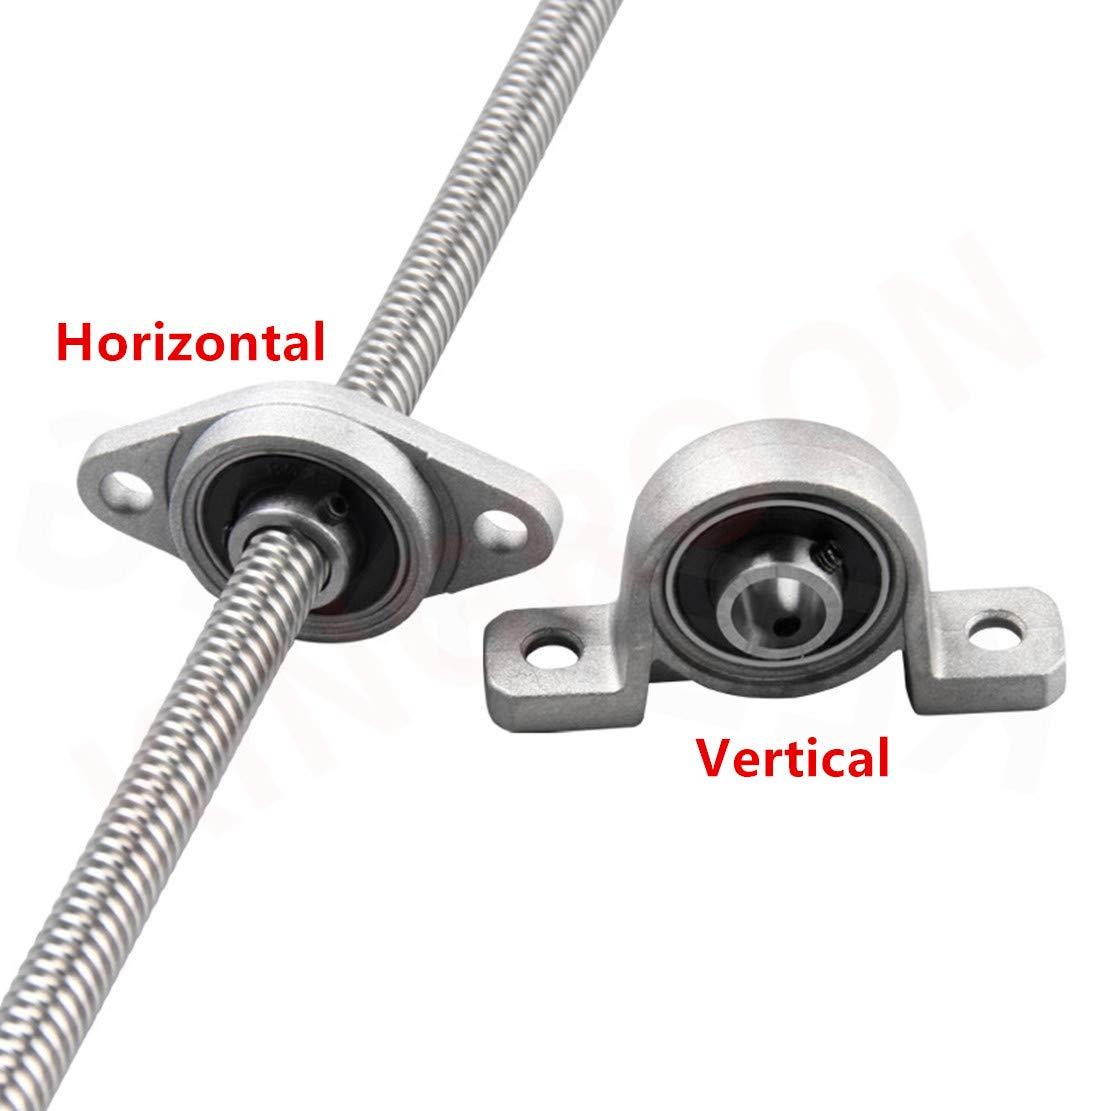 Horizontal /Écrou de cuivre Ensemble vis-m/ère T8 100mm 8mm Bloc de palier /à roulements pour imprimante 3D Coupleur 1 100mm